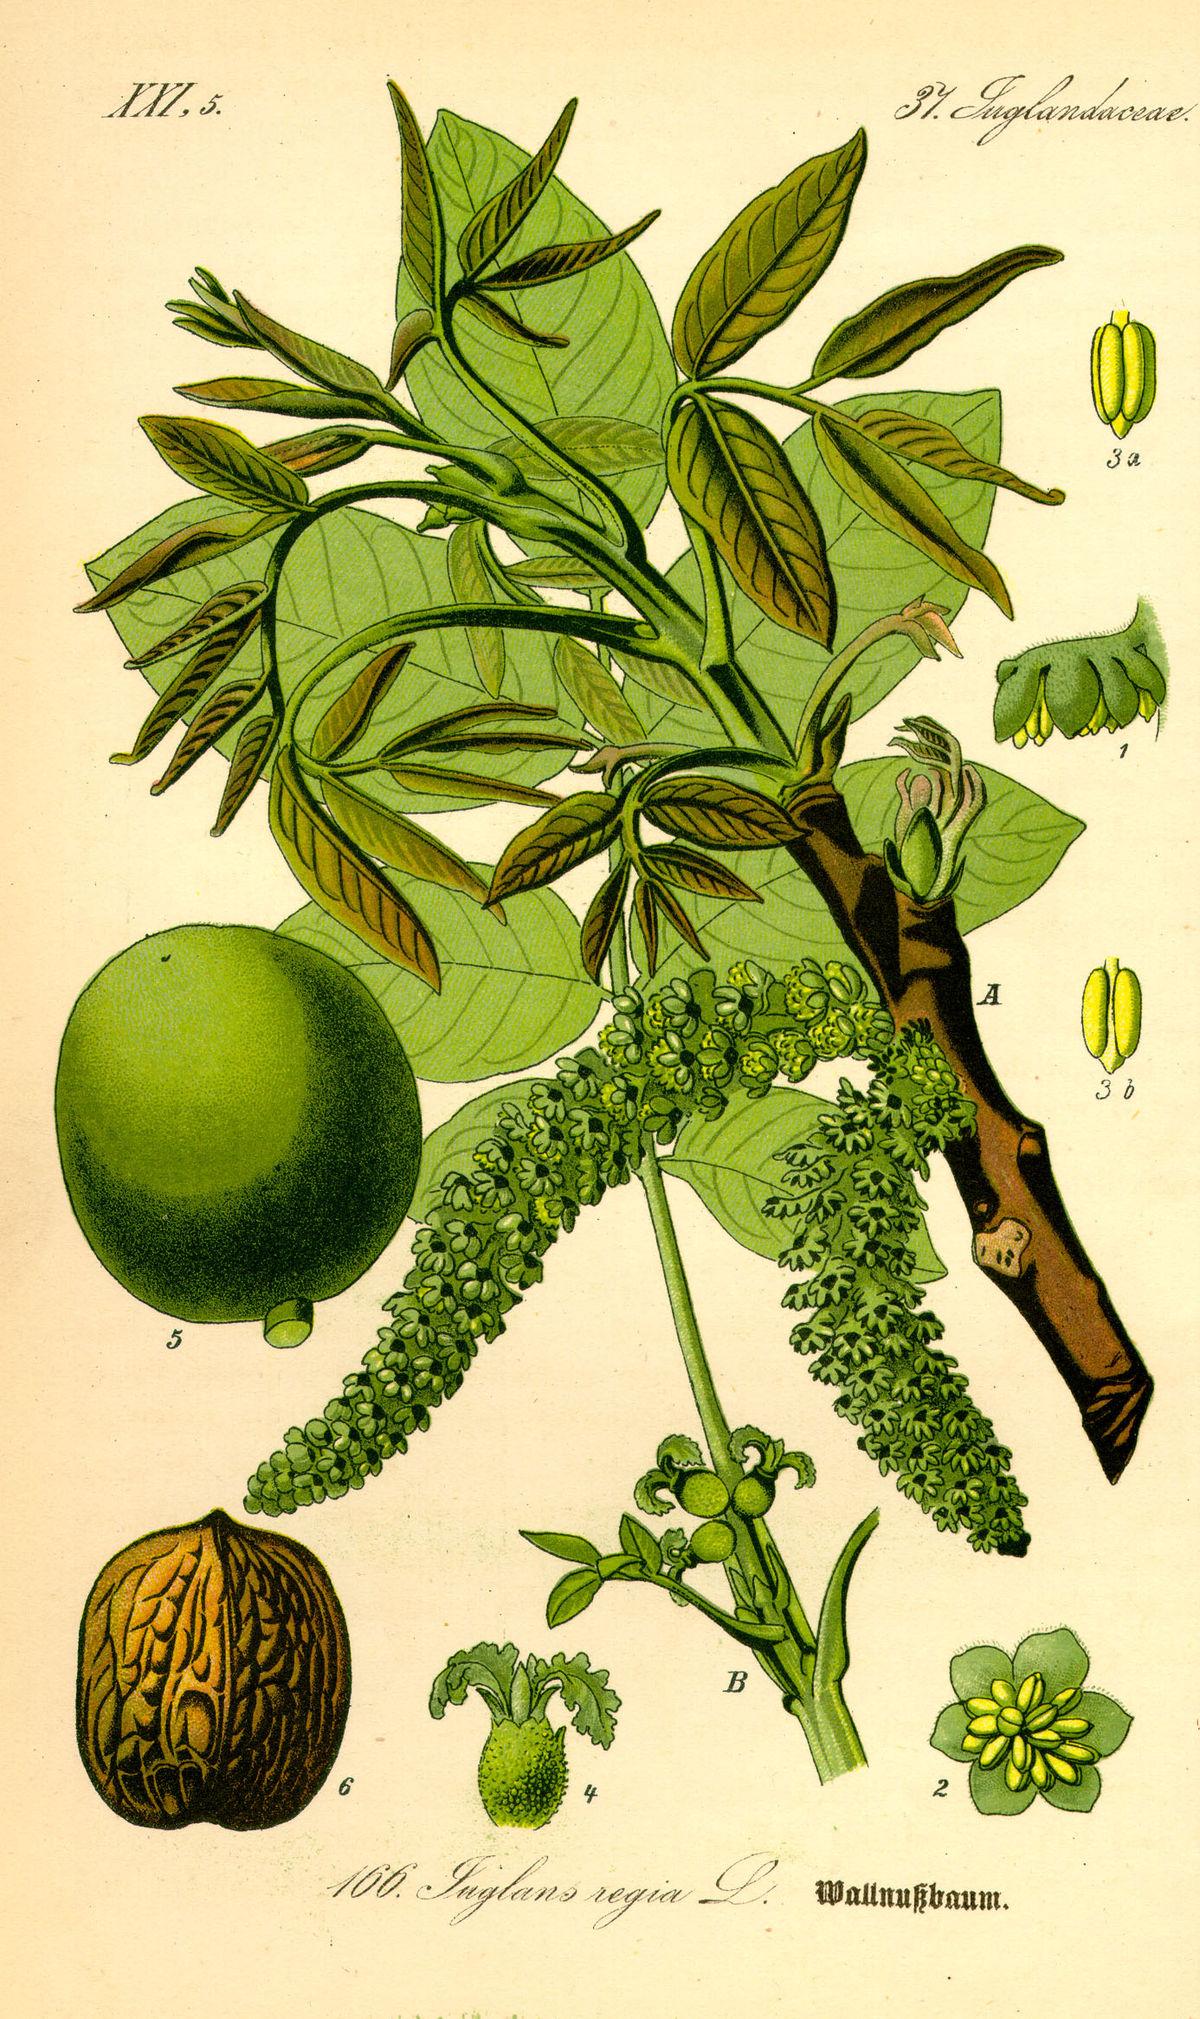 Echte Walnuss (Juglans regia). Illustration: A) Zweig mit männlichen Blütenständen, B) Zweig mit weiblichen Einzelblüten, 1 und 2) männliche Blüte, 4) weibliche Blüte 5) ganze Frucht, 6) Nuss